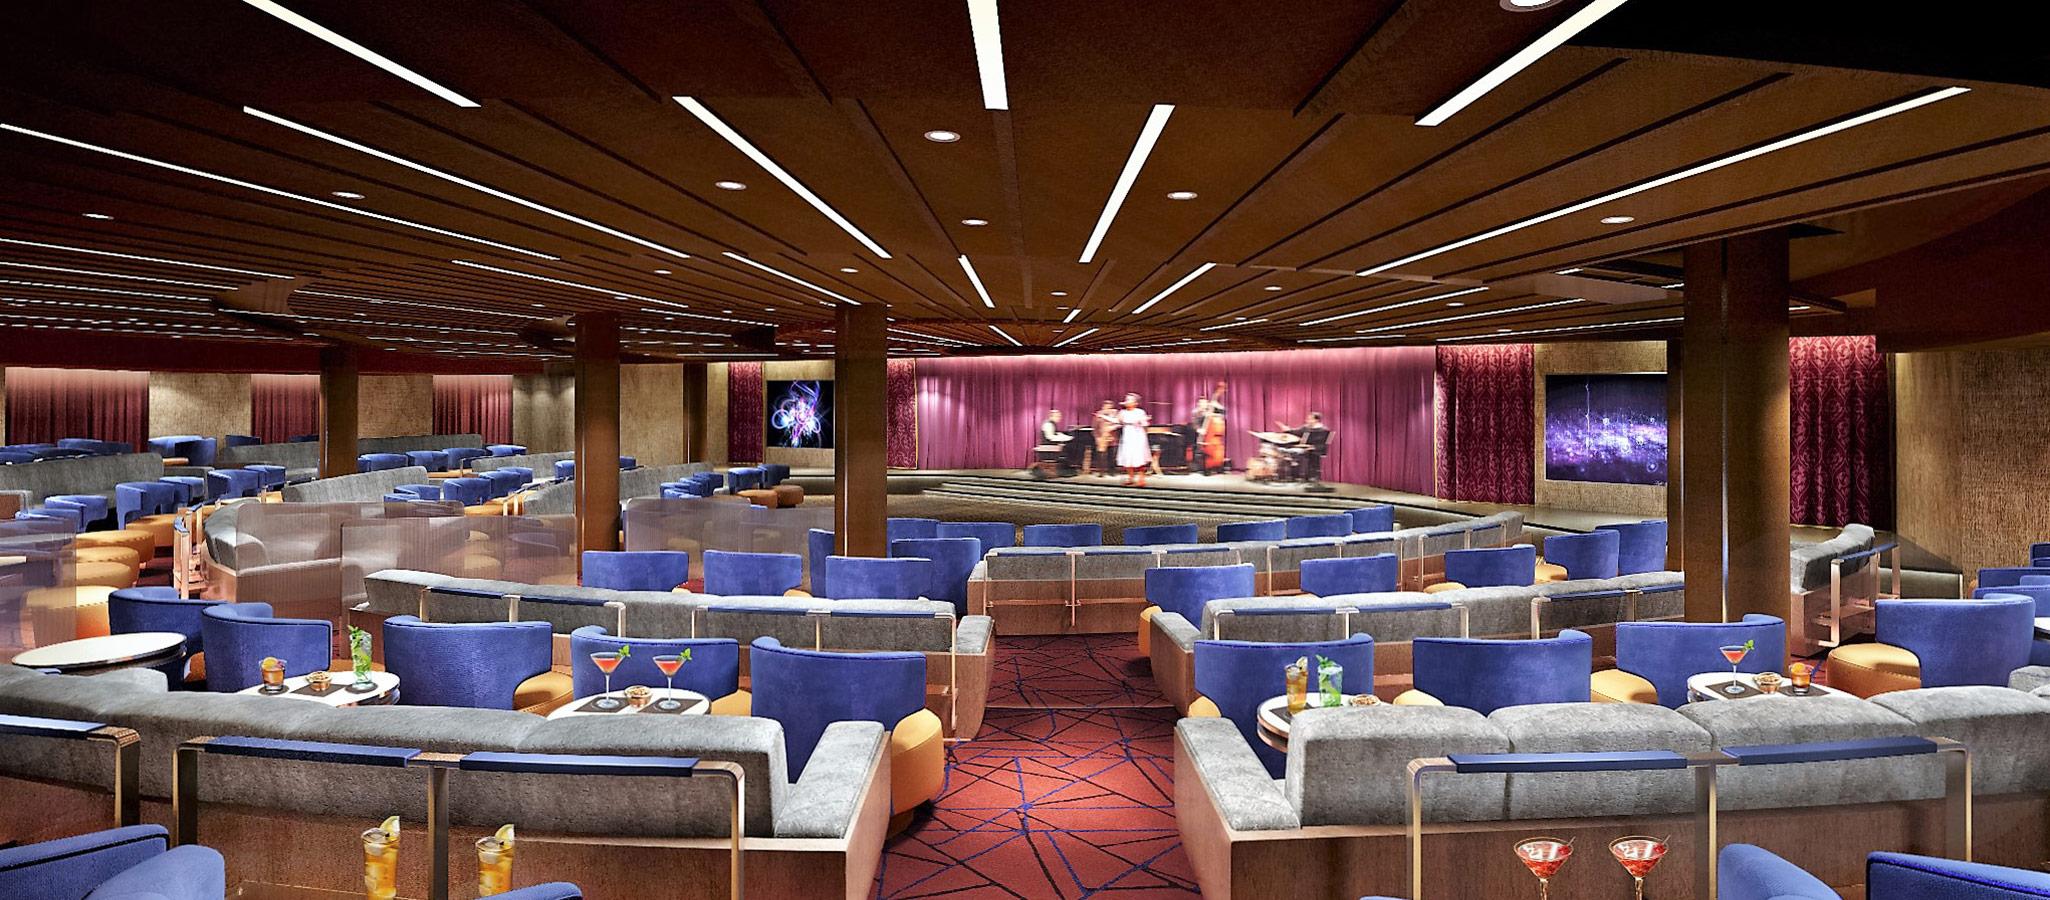 Tagungsplaner dürfte begeistern, dass sämtliche Facilities an Bord inklusive technischer Ausstattung kostenfrei und unbegrenzt nutzbar sind.